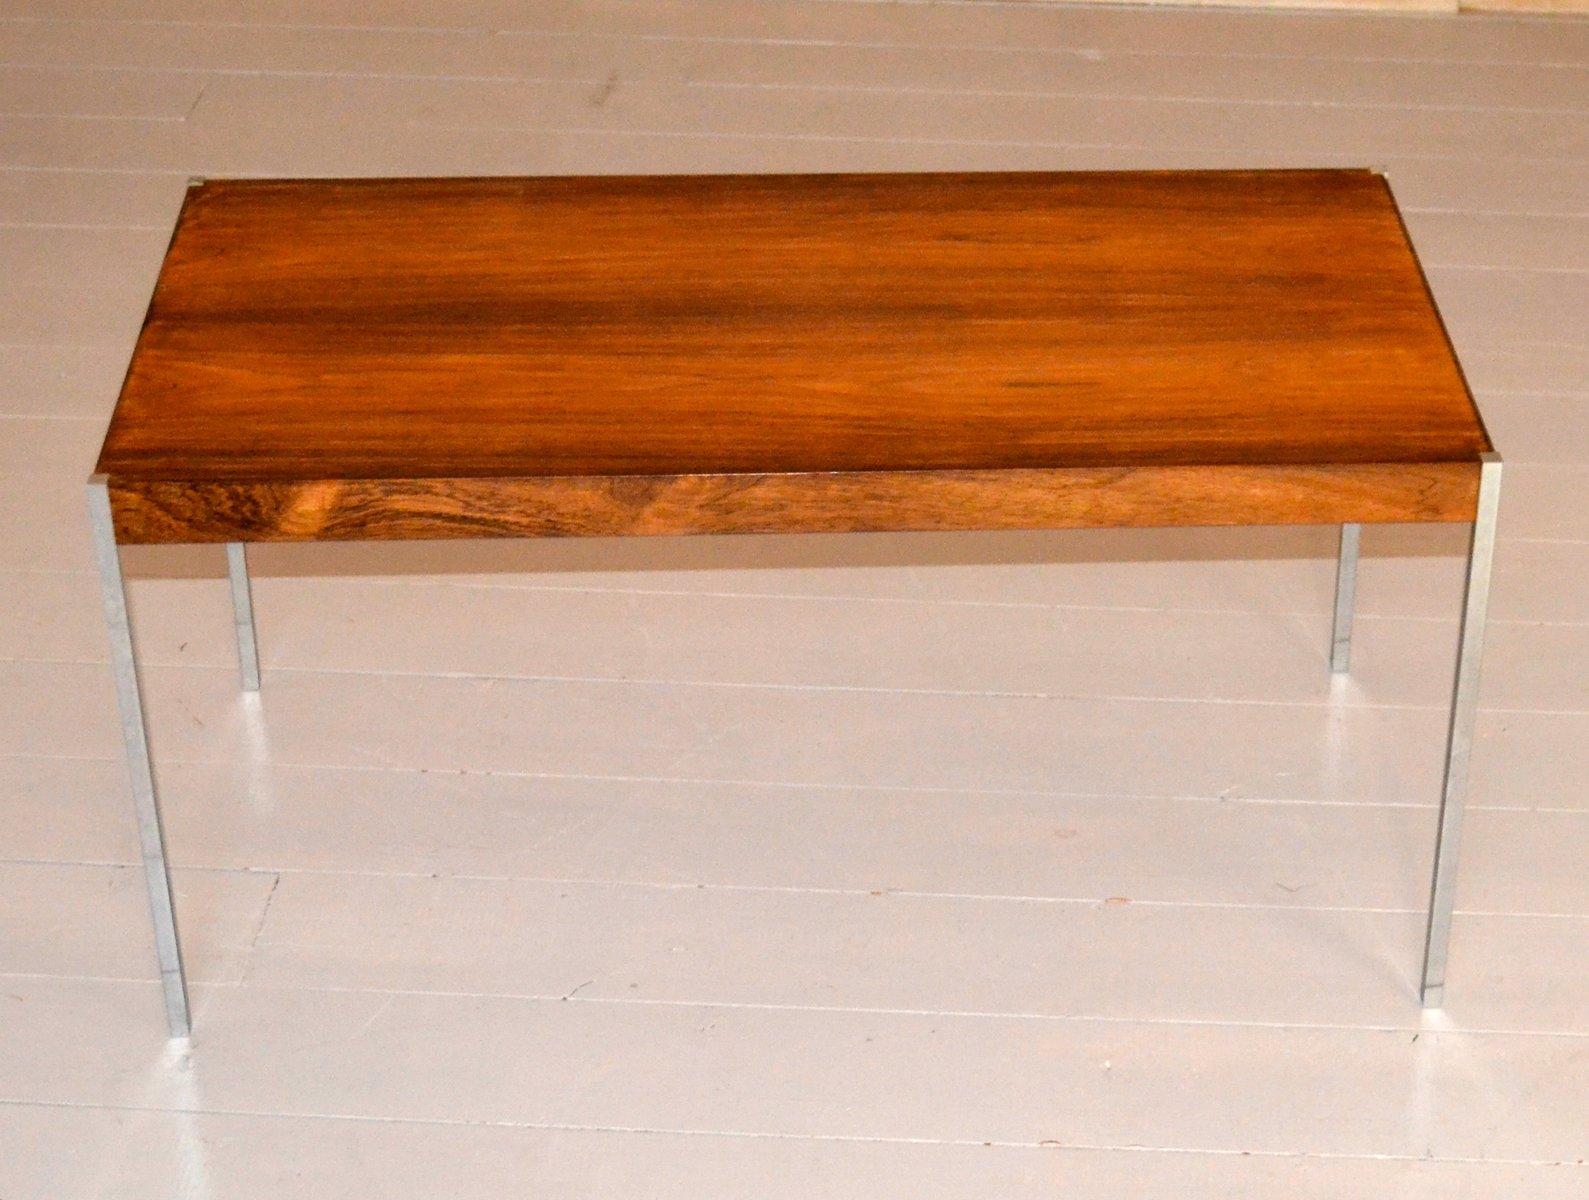 schwedischer mid century couchtisch von sten uno kristiansson f r luxus 1962 bei pamono kaufen. Black Bedroom Furniture Sets. Home Design Ideas